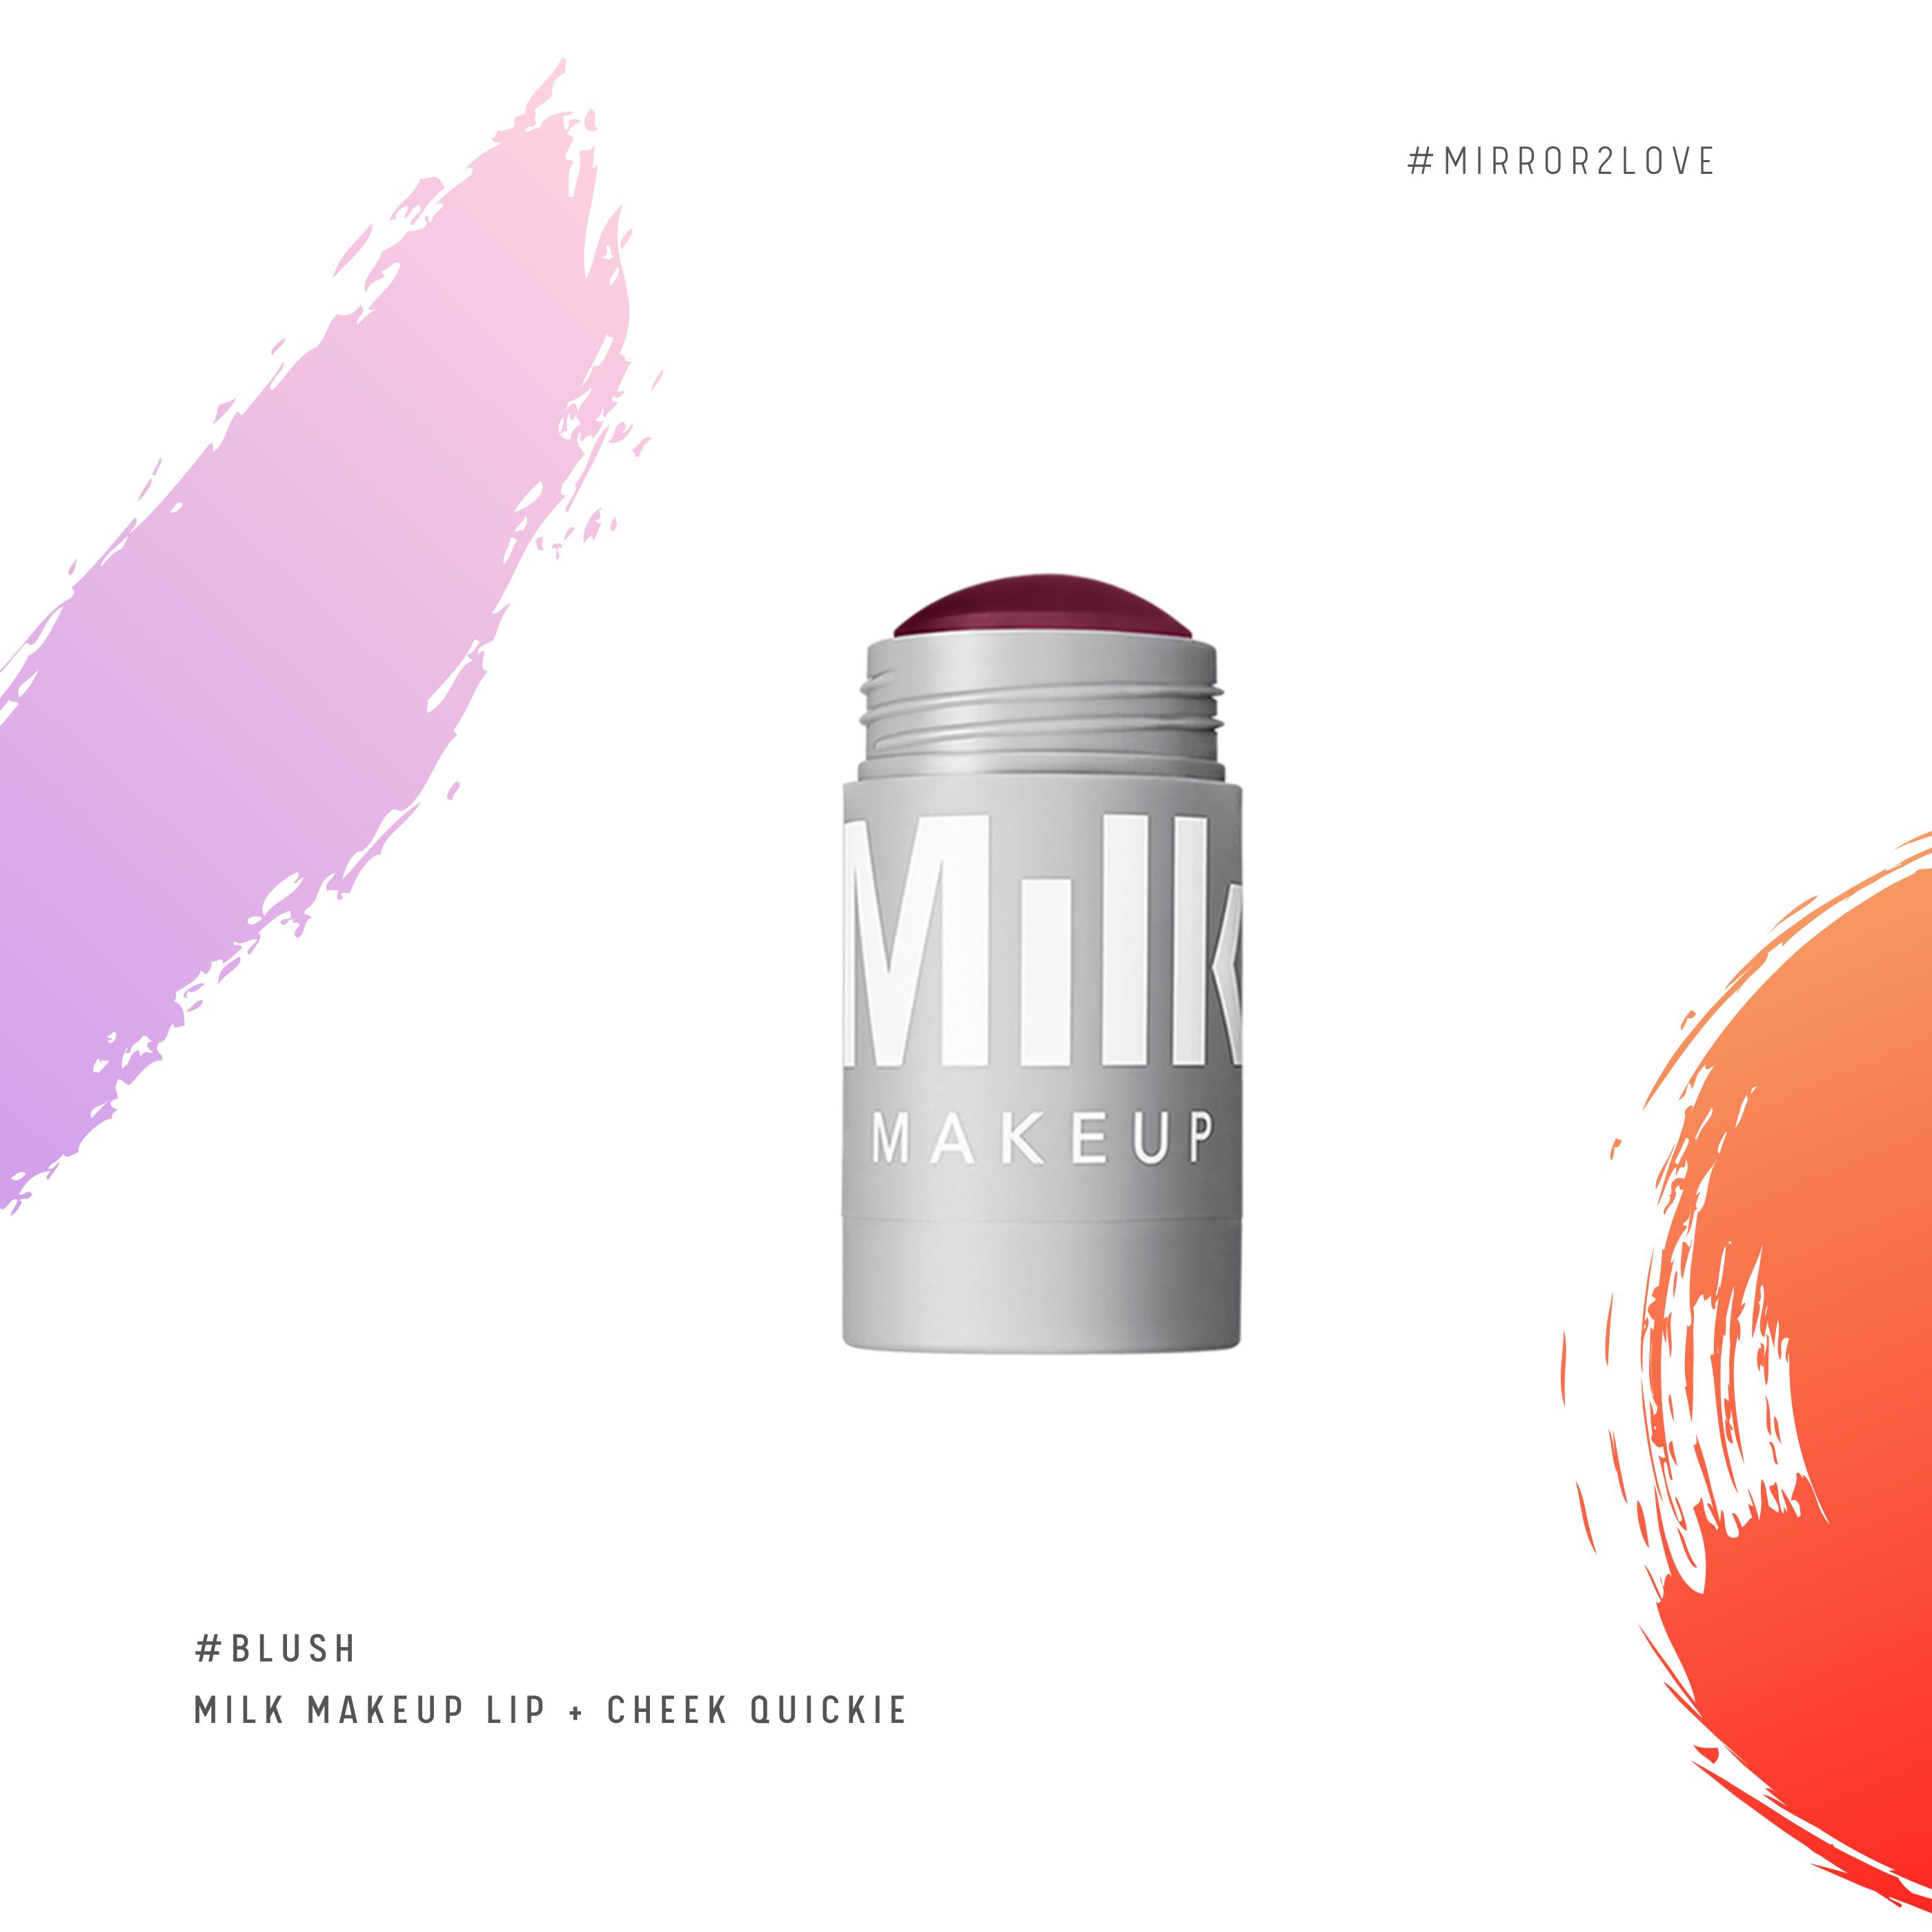 Milk Makeup Lip.Cheek Quickie in 2020 Milk makeup, Lip